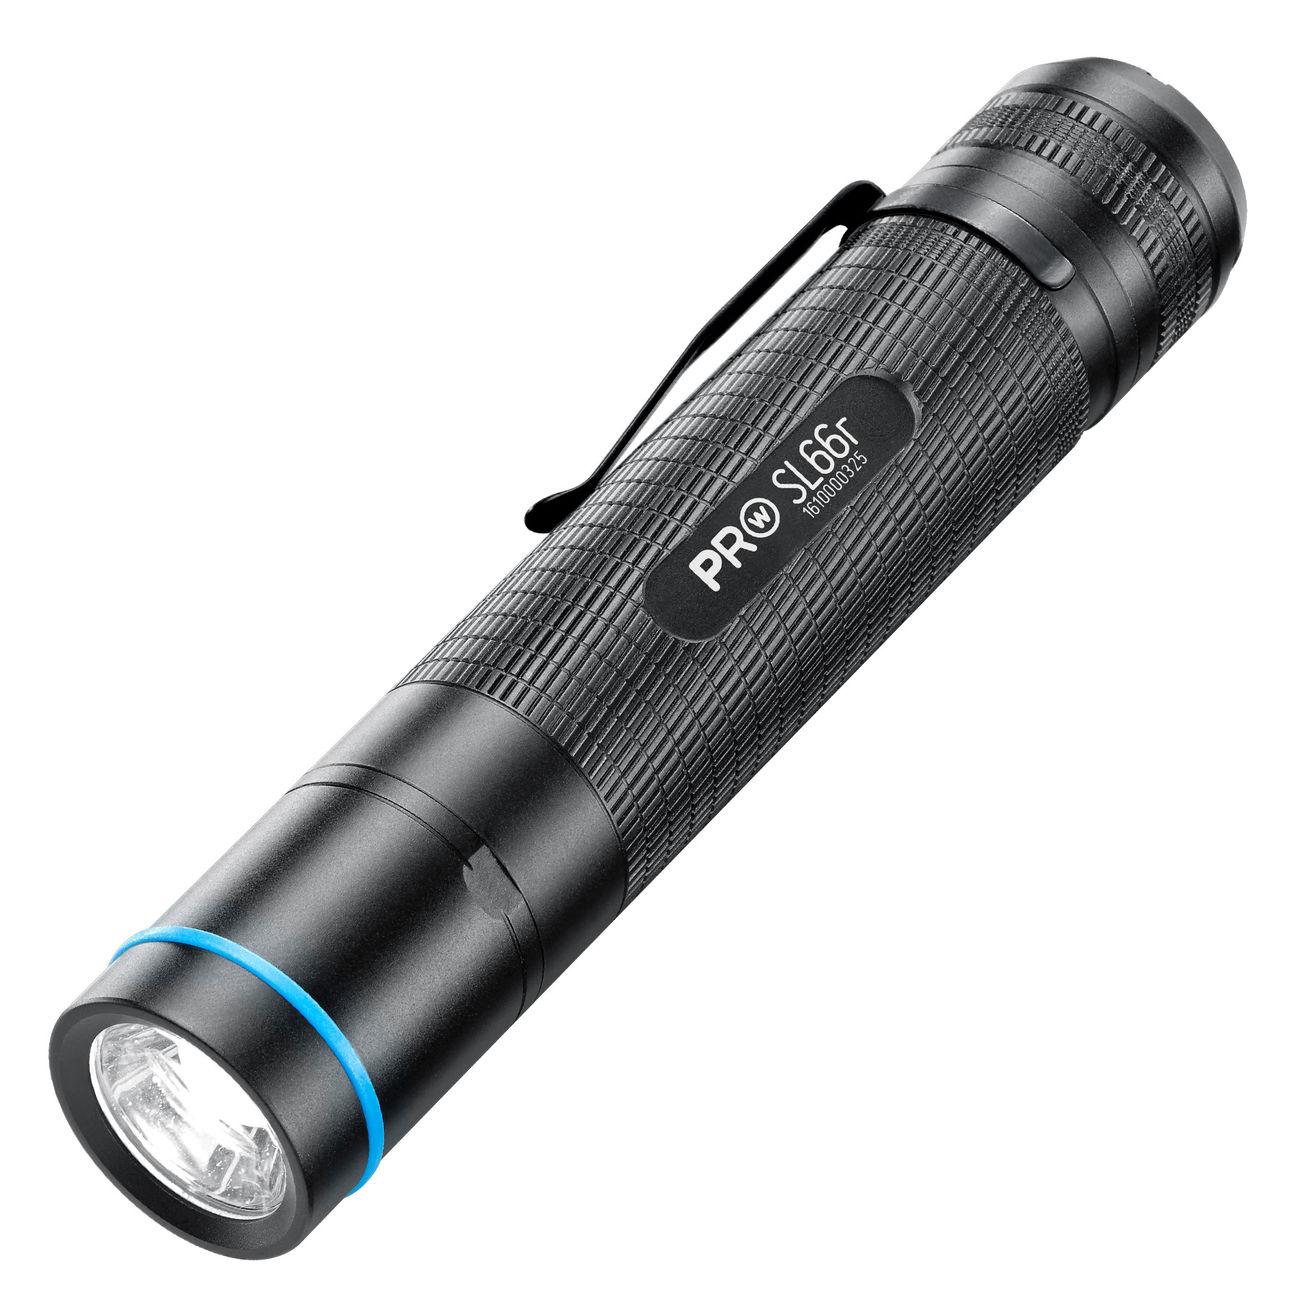 e312f9225787a9 Walther LED Taschenlampe Pro SL66r 950 Lumen günstig kaufen - Kotte ...